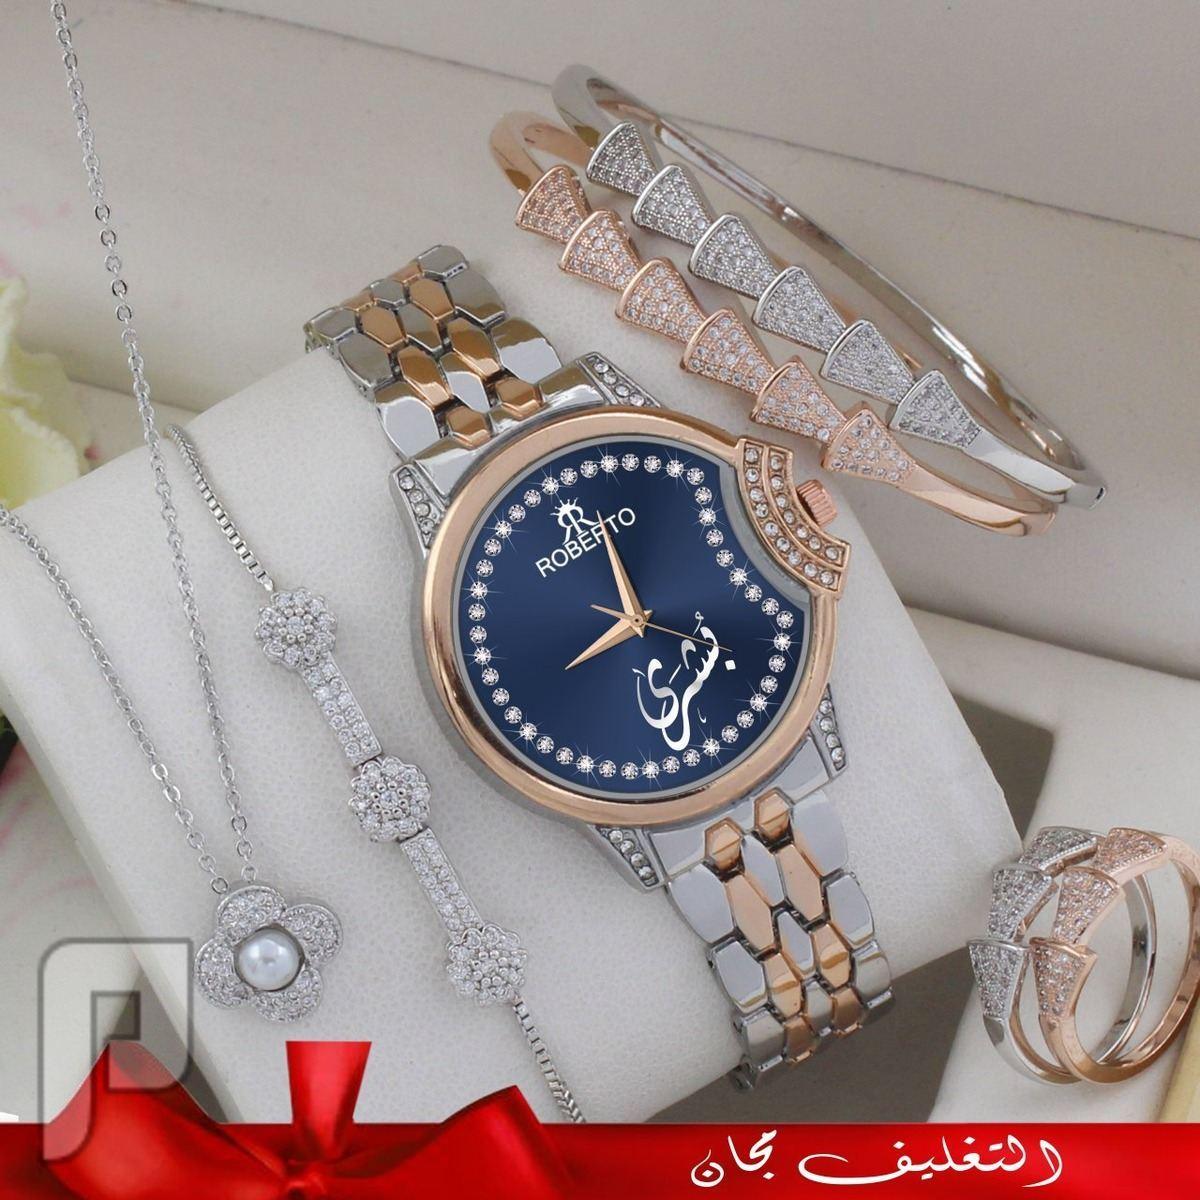 افخم عرض لاهداء العروسه هدية مميزه وباسمها